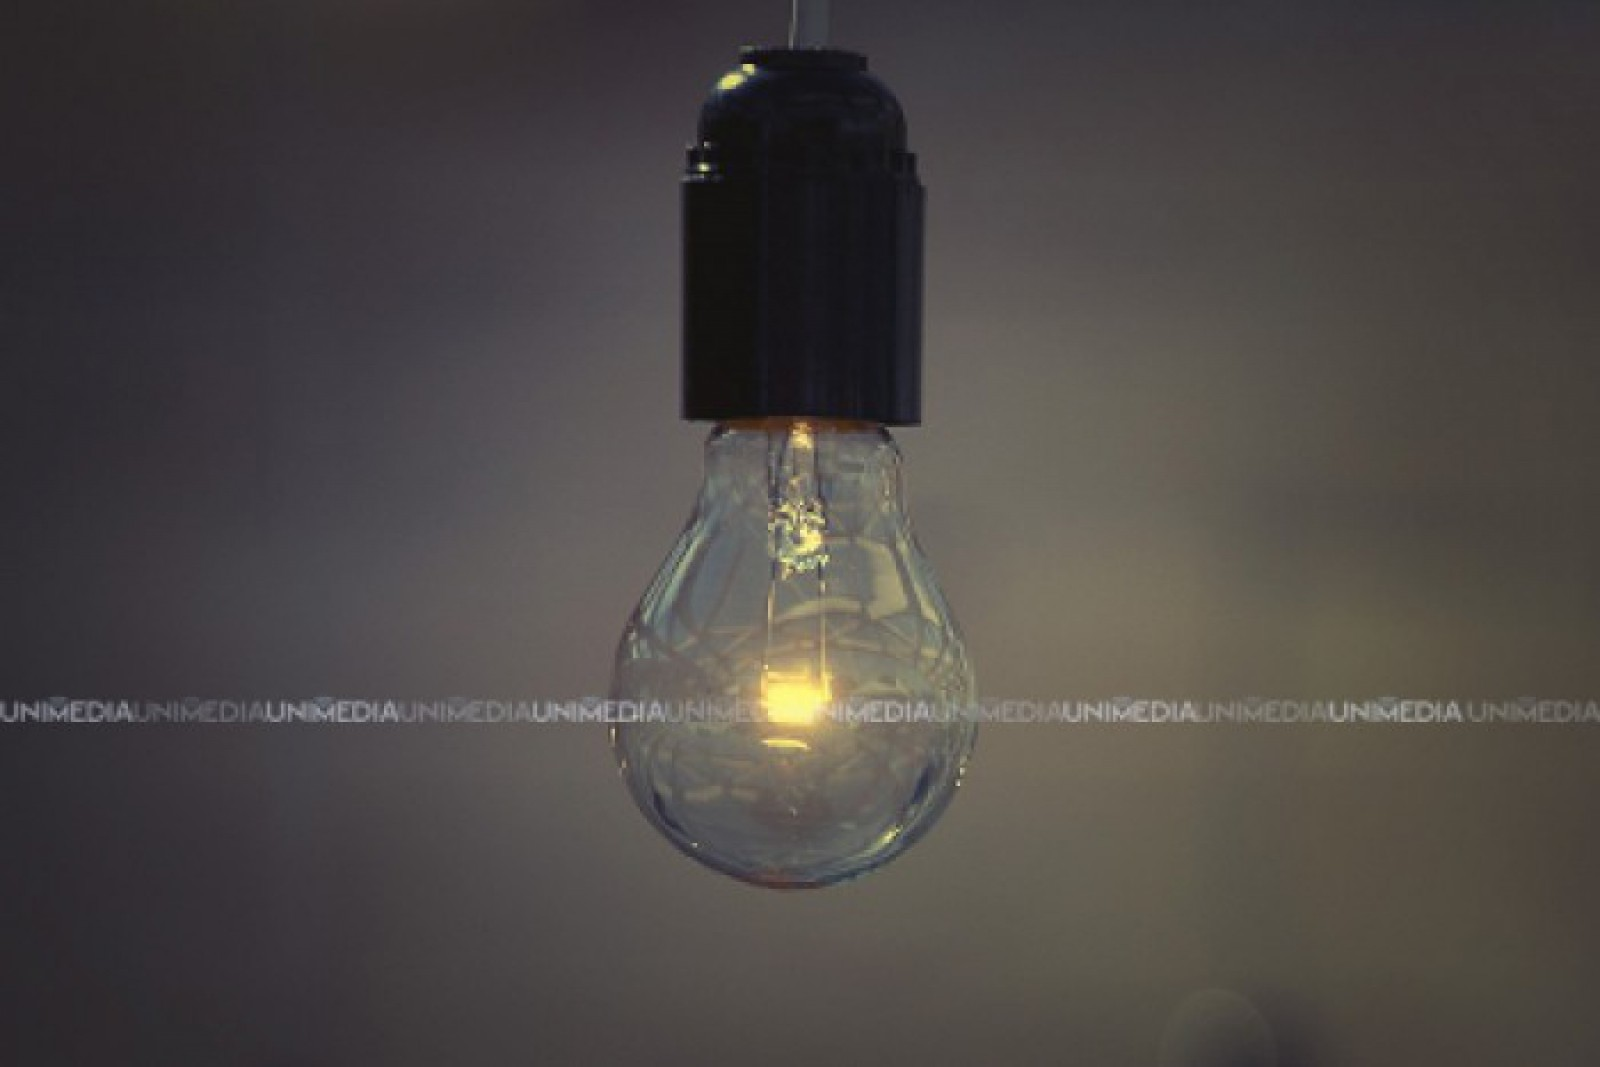 Rămân fără curent electric. Chișinăul, dar și alte localități din țară vor fi deconectate de la rețeaua de electricitate